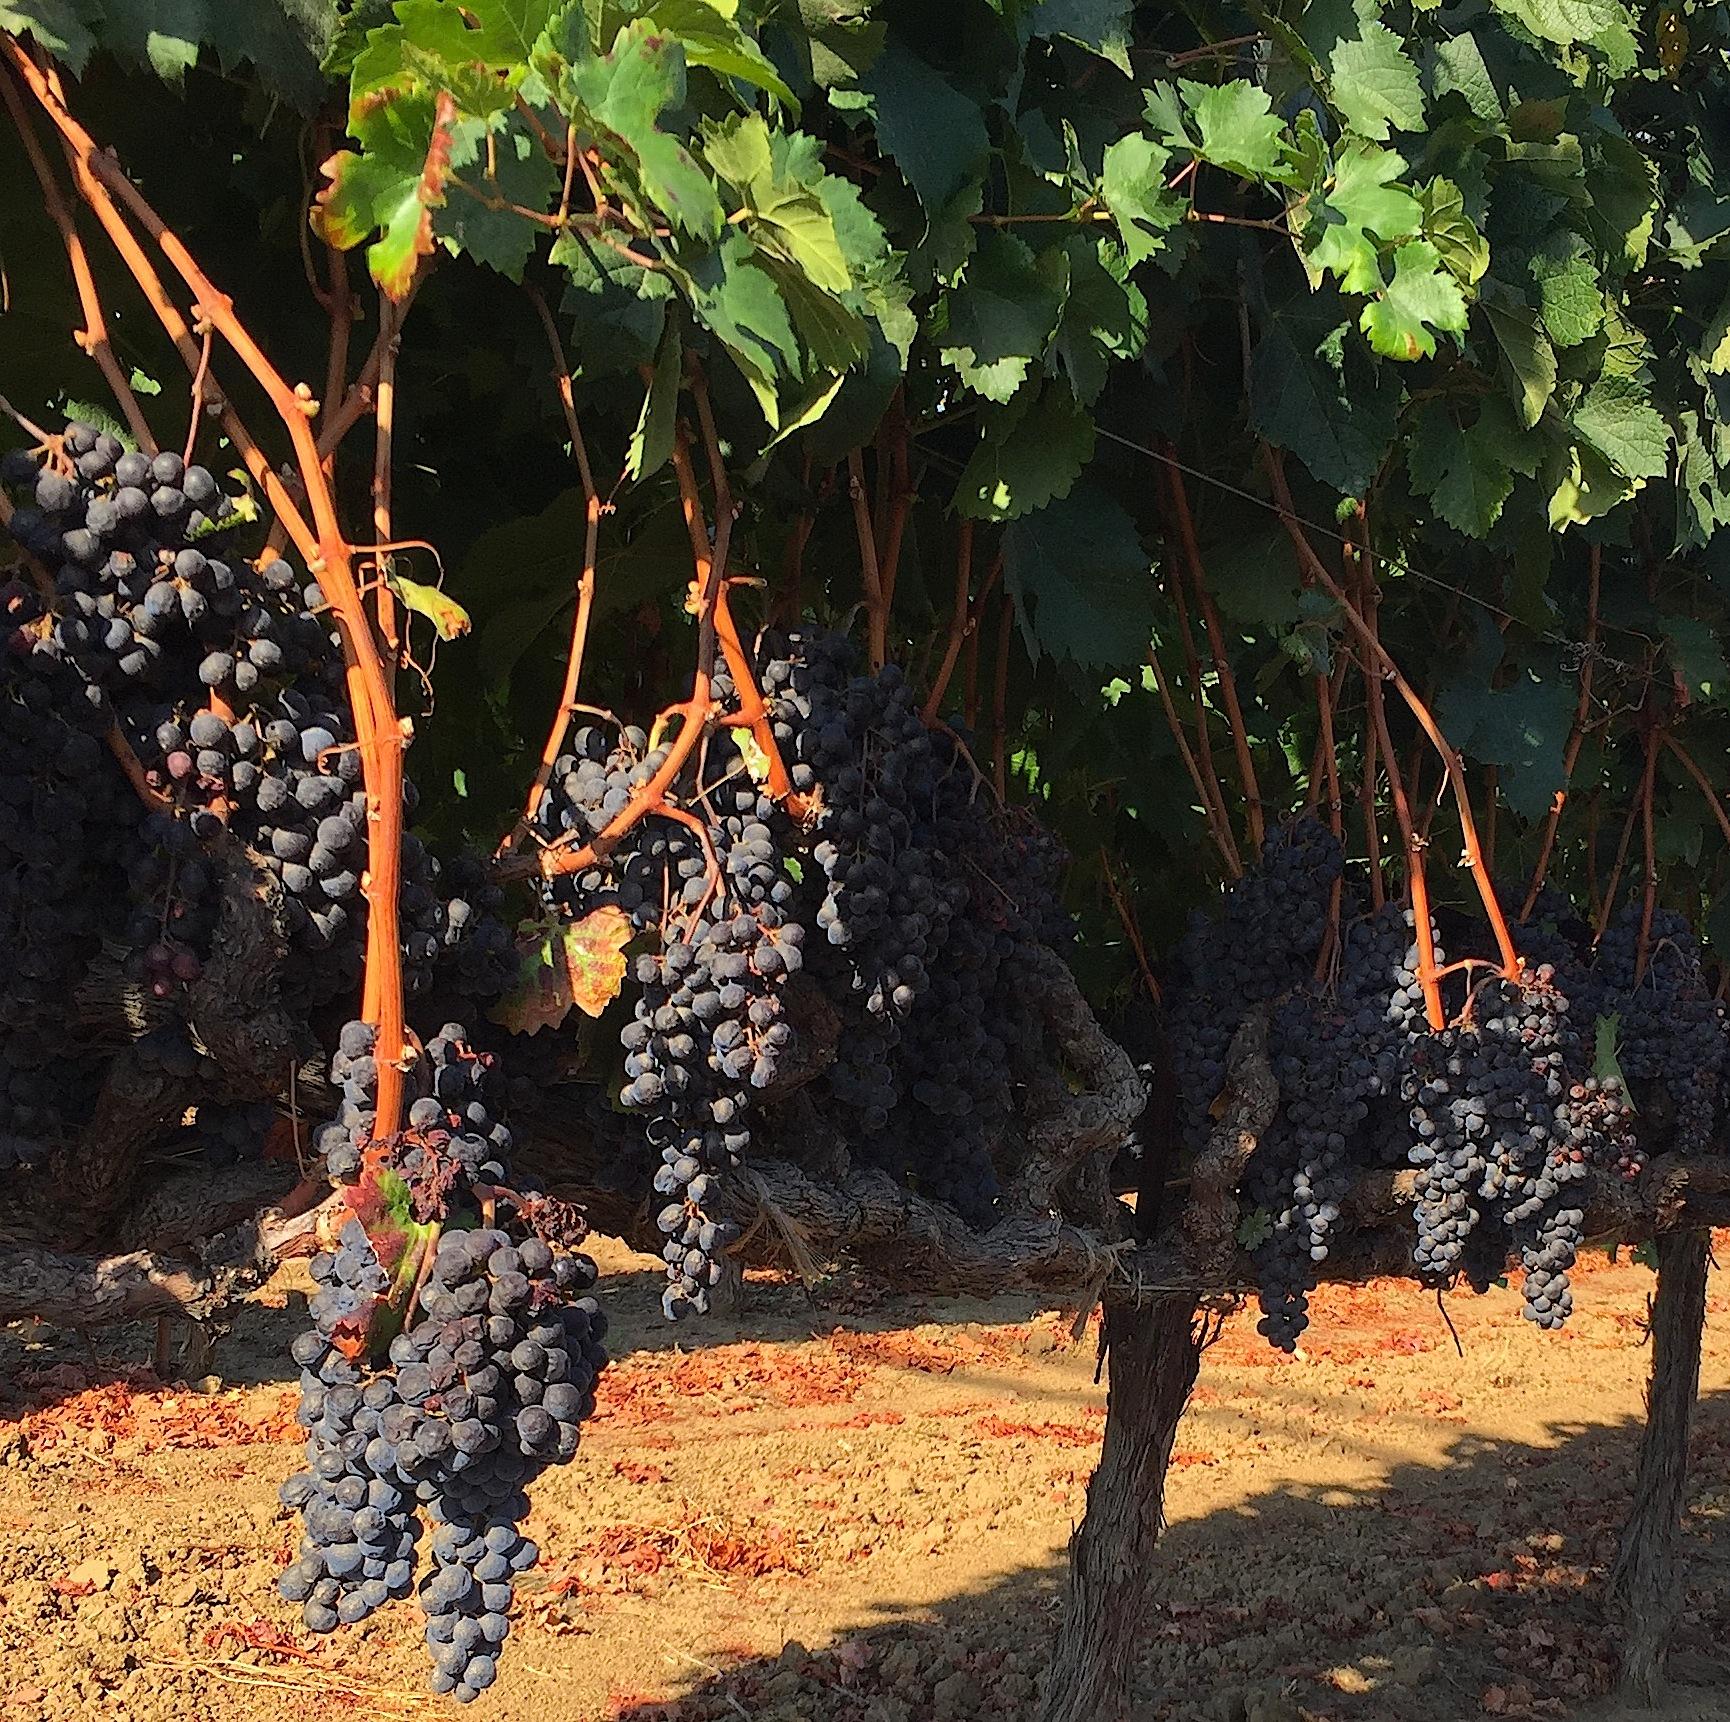 Grapes, grapes, more grapes.